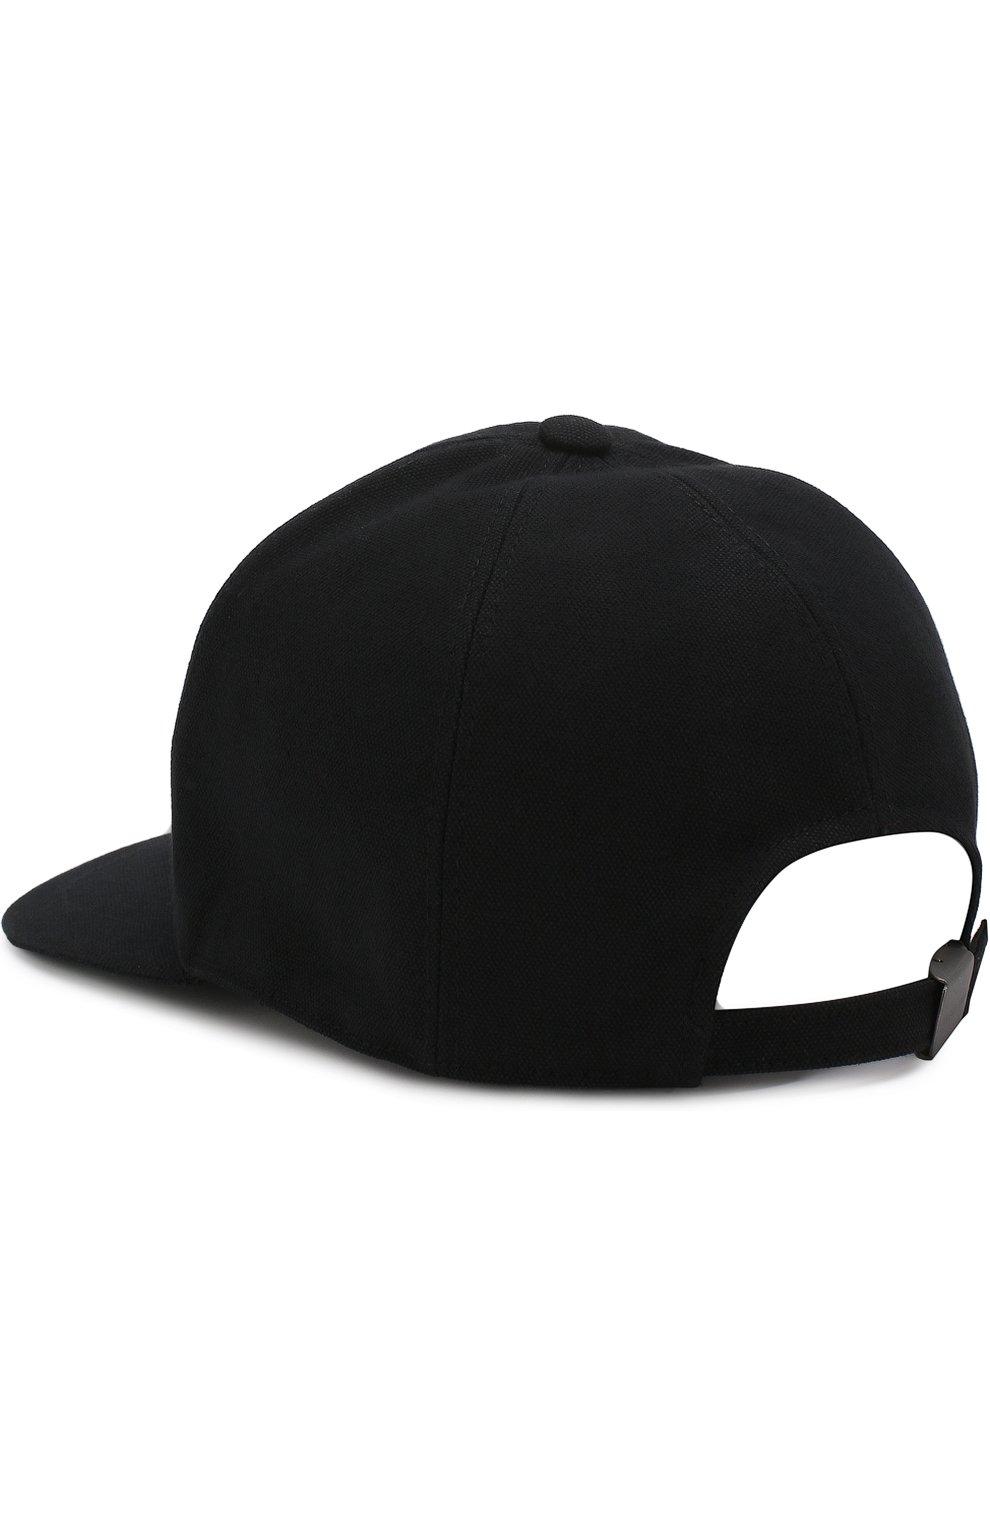 Мужской хлопковая бейсболка с логотипом бренда GIORGIO ARMANI черного цвета, арт. 747324/8P510 | Фото 3